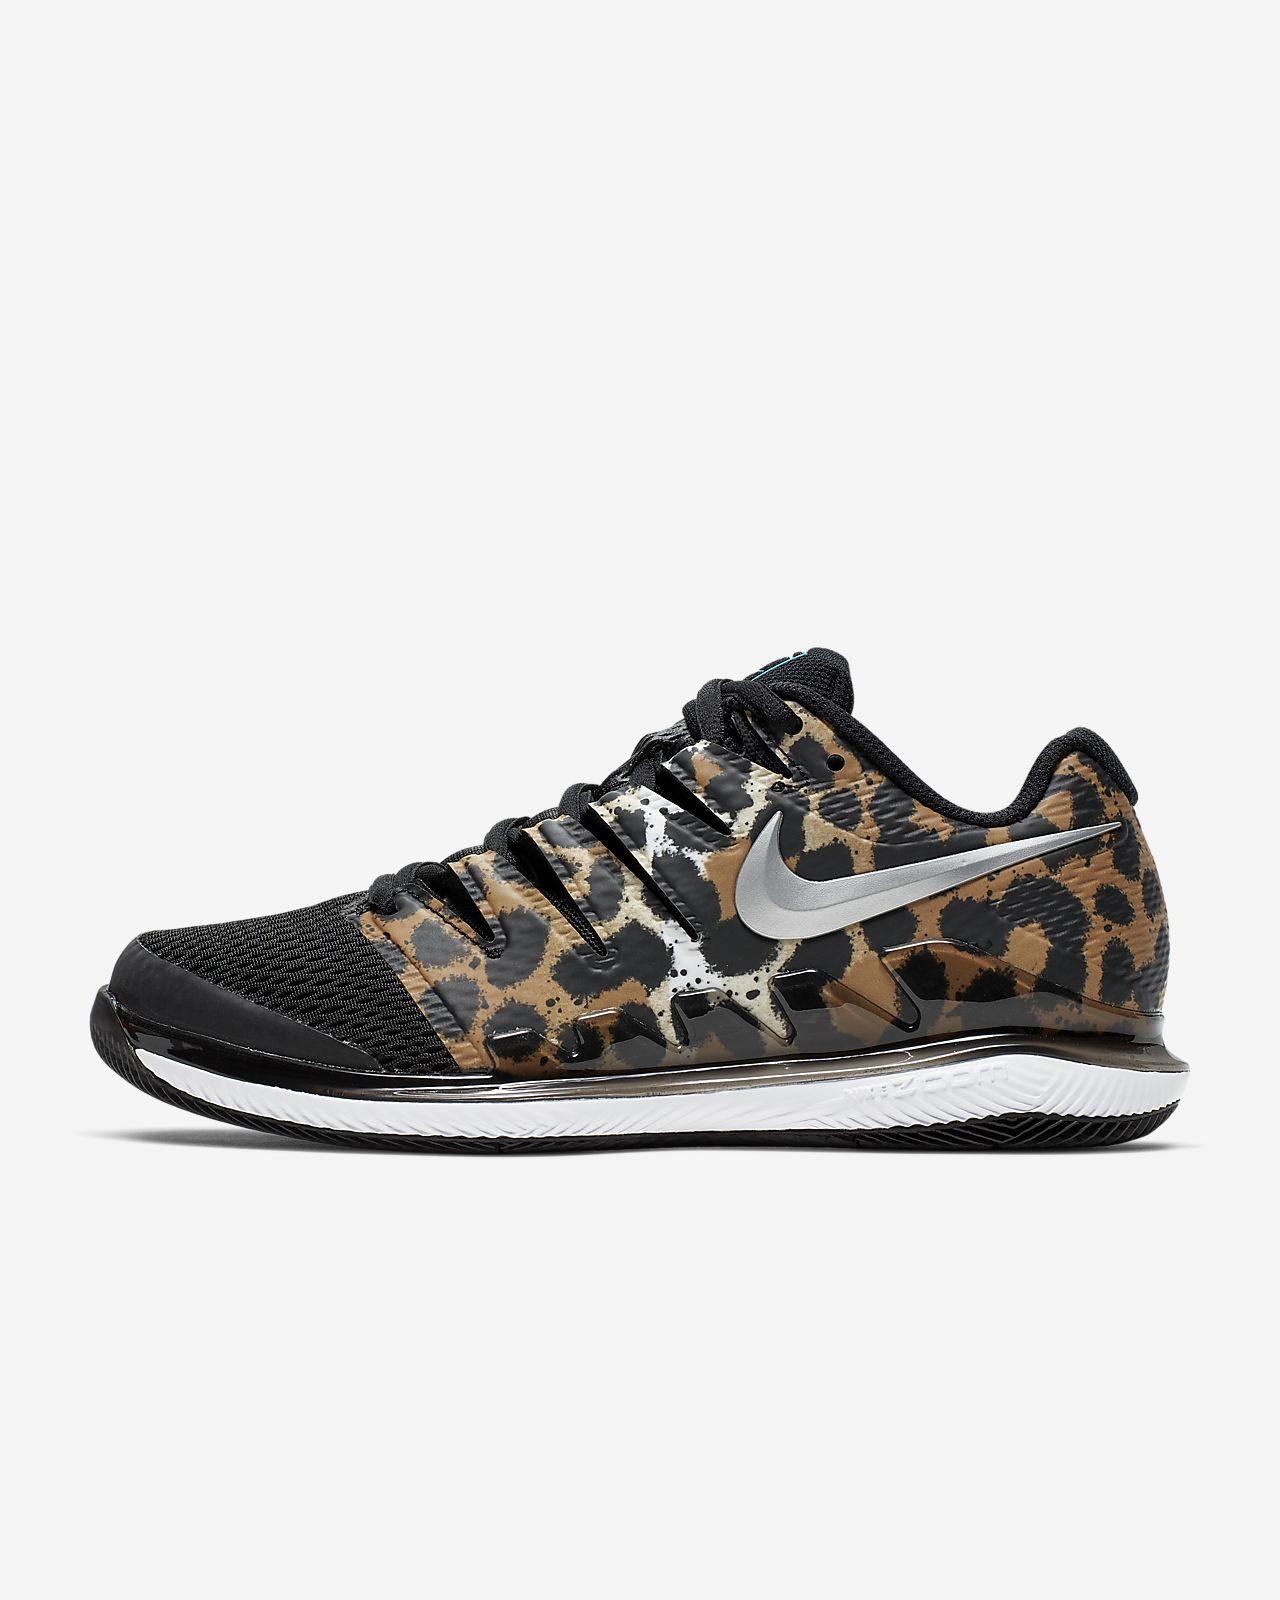 X Tennis Vapor Zoom Air Chaussure Nikecourt De Dure Surface Femme Pour Ygb67fy